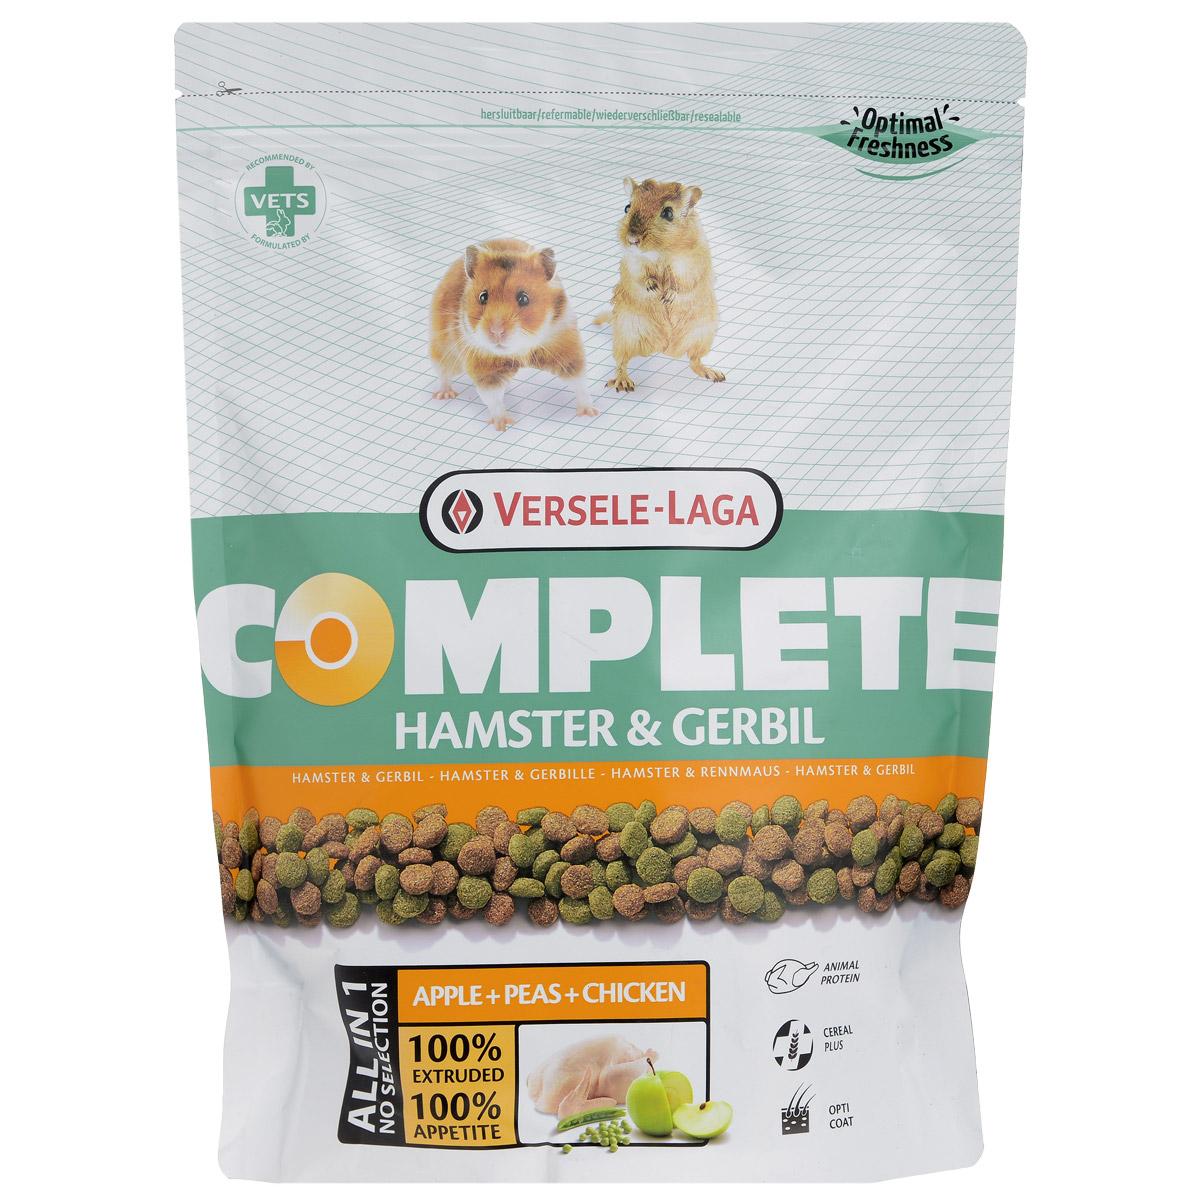 Корм для хомяков и песчанок Versele-Laga Hamster & Gerbil, комплексный, 500 г461296Комплексный корм Versele-Laga - это полноценный и вкусный корм для (карликовых) хомяков, состоящий на 100% из легкоусвояемых экструдированных гранул. Корм содержит все питательные вещества, необходимые вашим питомцам для здоровой и активной жизни. Уход за зубами Проблемы с ротовой полостью — частое явление у хомяков. Зачастую это последствия неправильного питания с нехваткой твердых компонентов для стачивания постоянно растущих зубов. Использование особых неизмельченных и твердых компонентов в гранулах обеспечит более длительное жевание и лучшее стачивание зубов, что благоприятствует здоровью ротовой полости. Свежие овощи Особый процесс прессования позволяет добавлять в гранулы до 10% свежих овощей, что обеспечивает прекрасный вкус гранул. Вкупе с дополнительной клетчаткой гранулы имеют прекрасную перевариваемость. Протеины Хомяки по своей природе всеядны и относятся к тем грызунам, которым необходимы как животные,...